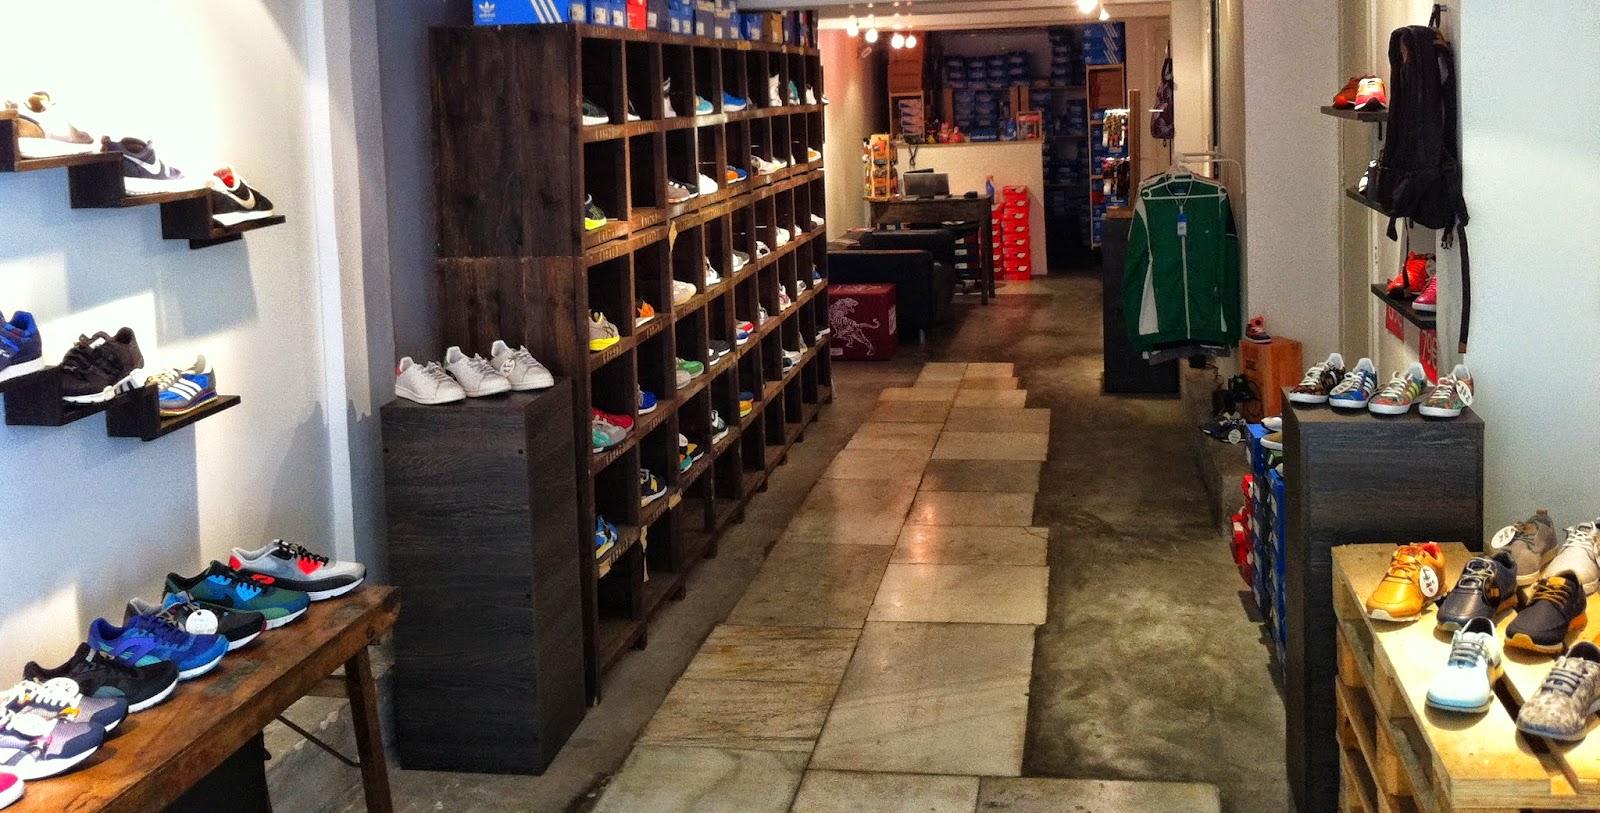 Entrada y visión general de la tienda